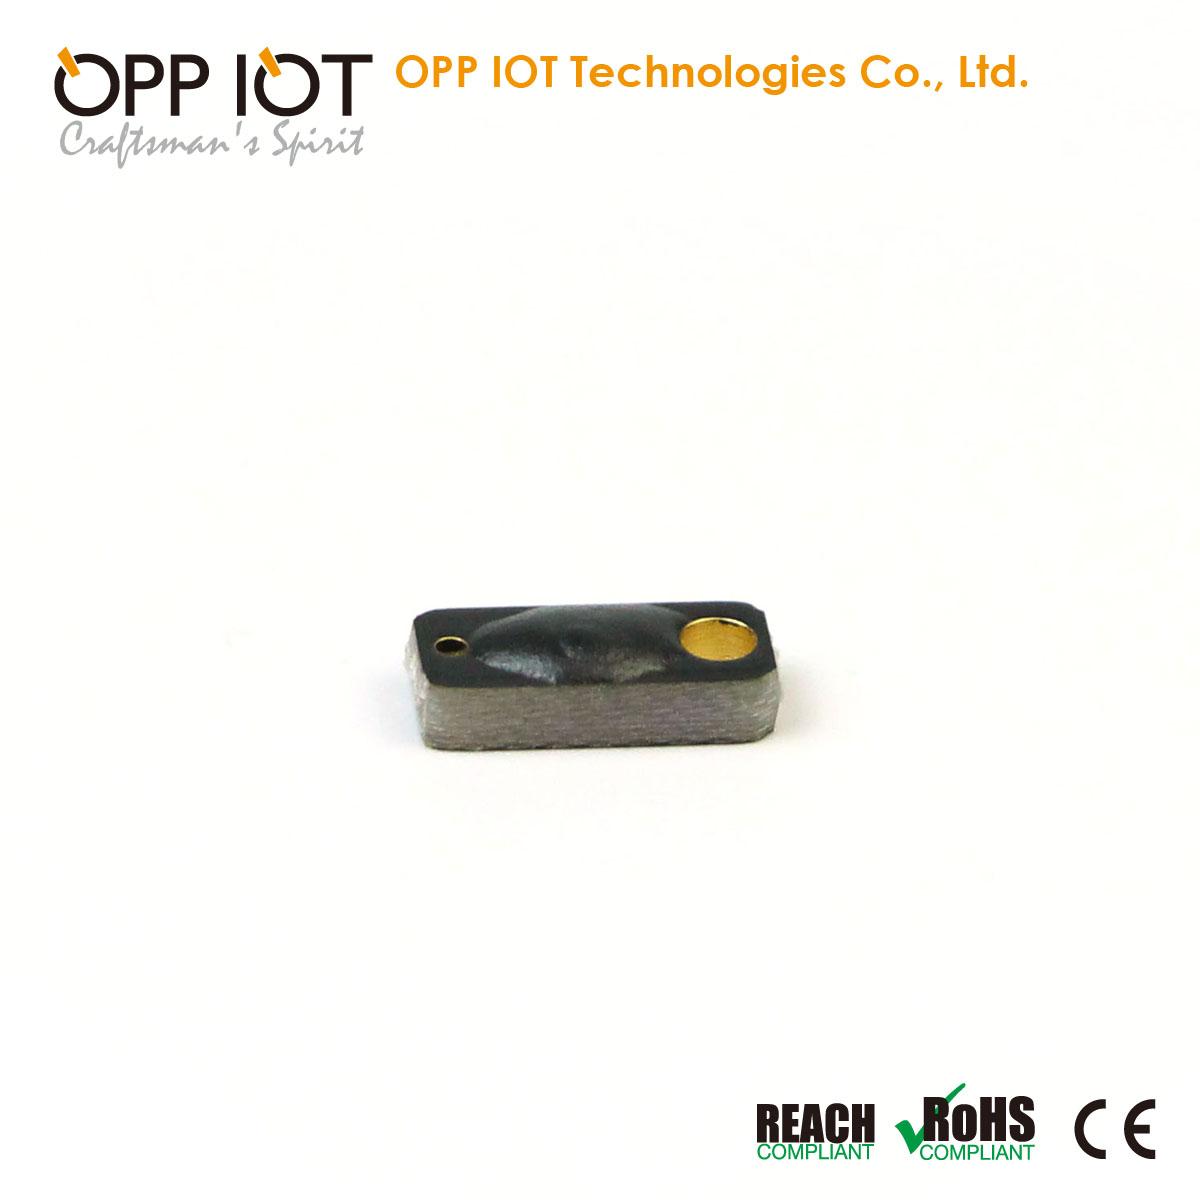 Tool Identification UHF Metal Tag